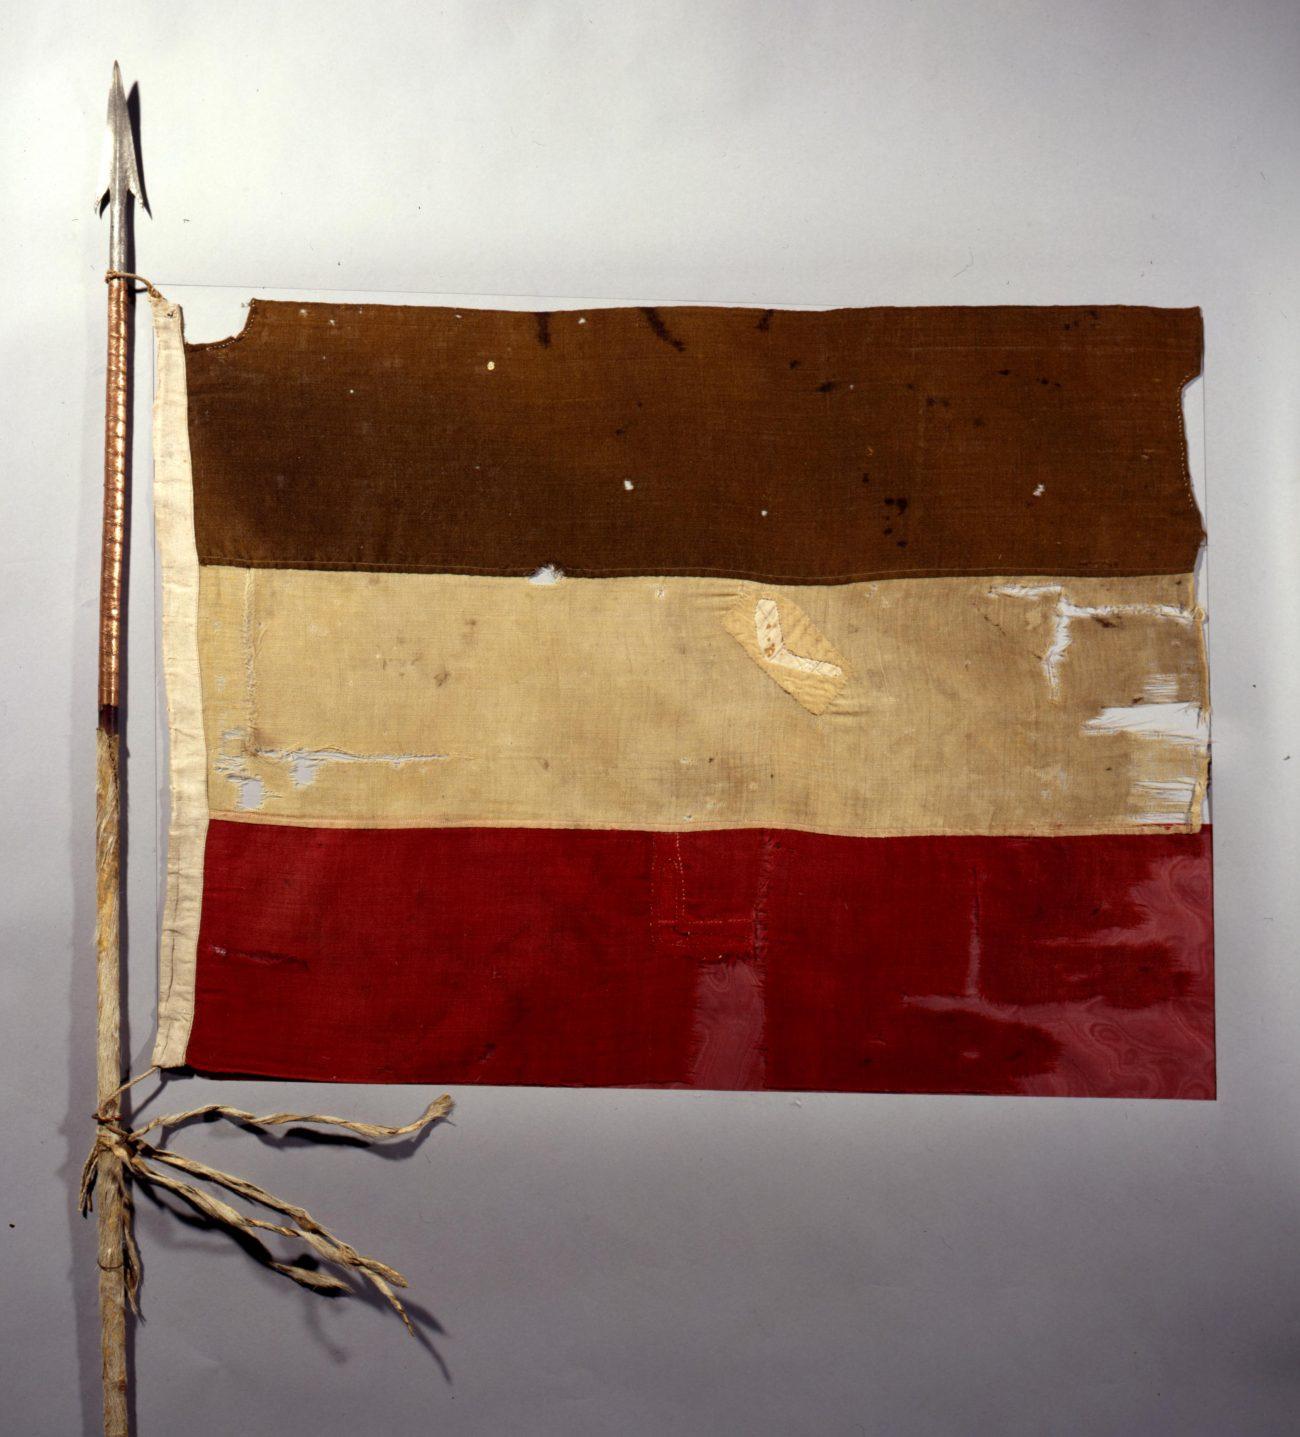 Reichsflagge an einem afrikanischen Speer, 1892 © Deutsches Historisches Museum